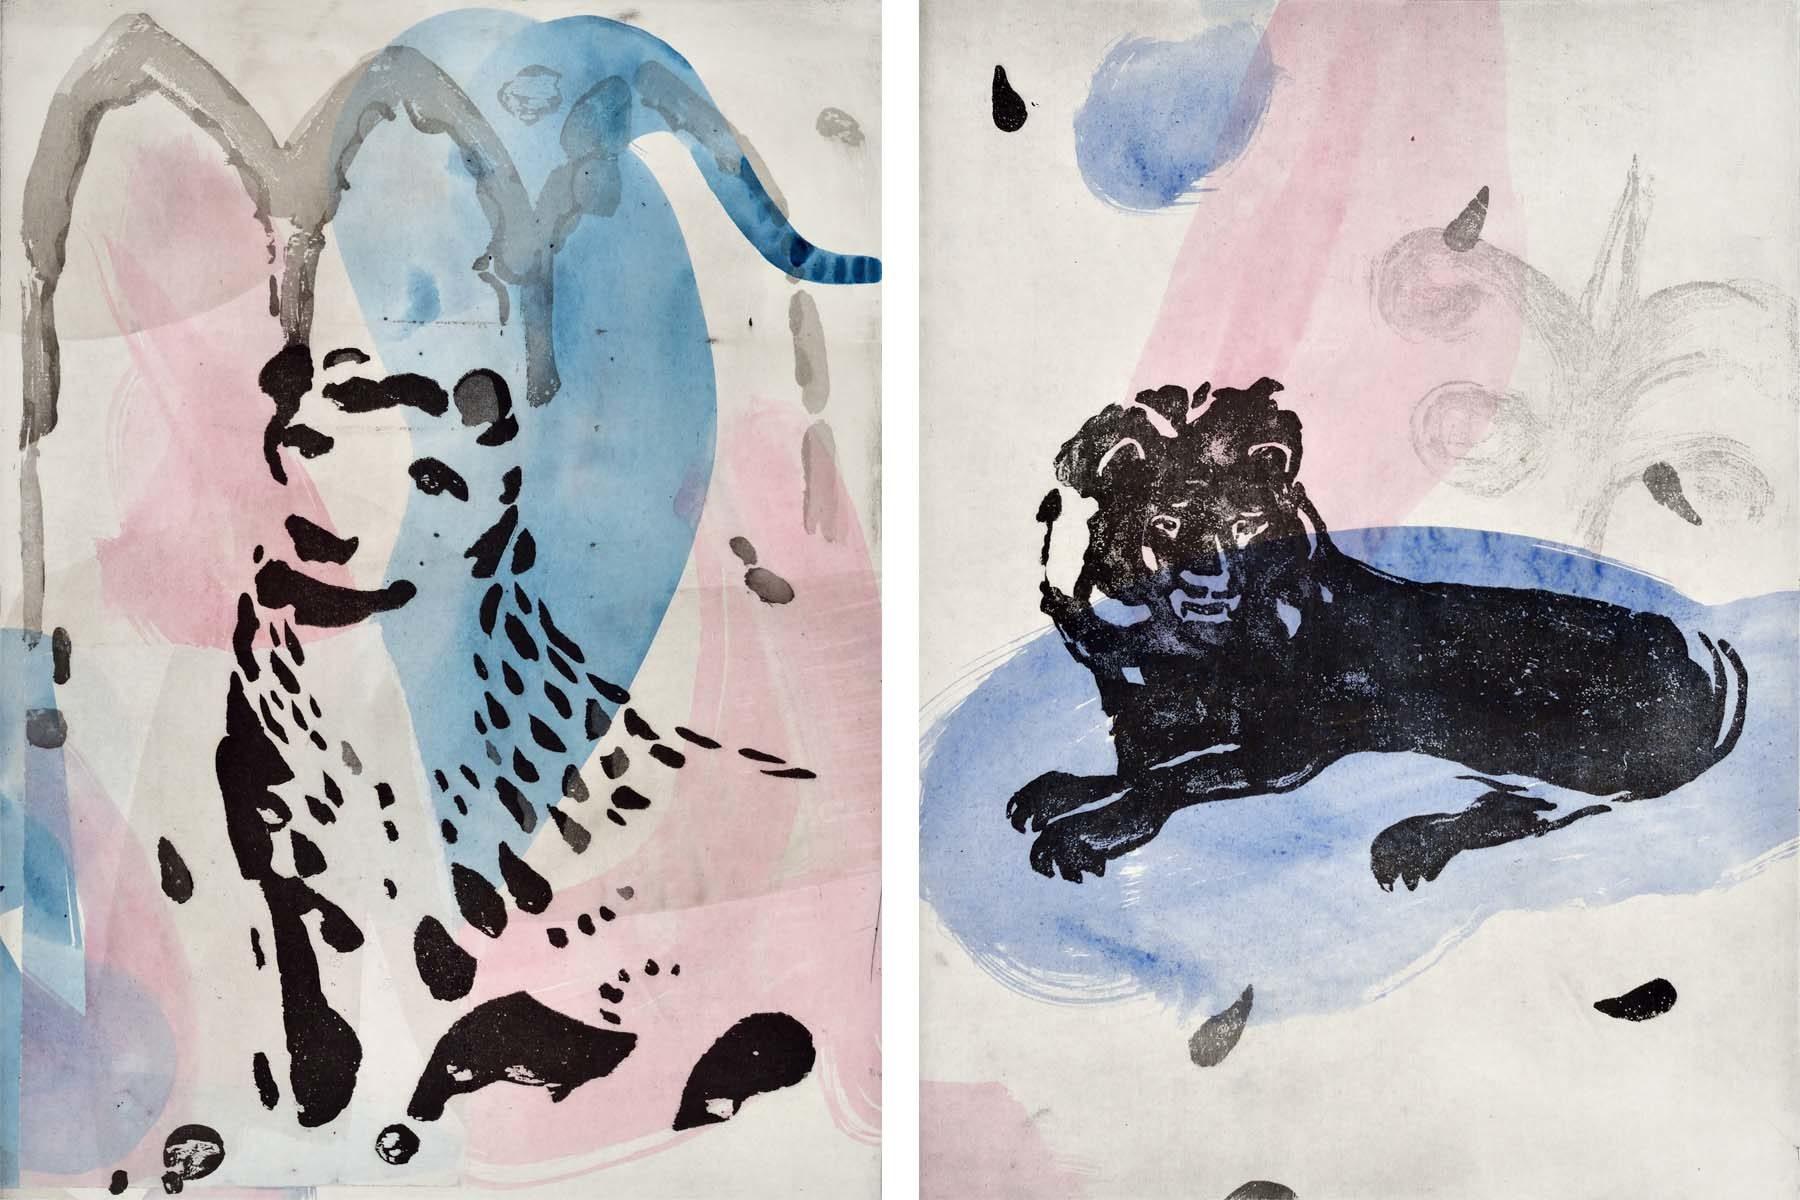 Raffaele Santillo, L'impronta del Leone (#6 e #5), 2018, maniera a zucchero e collage su carta, ciascuno 45 x 32.6 cm